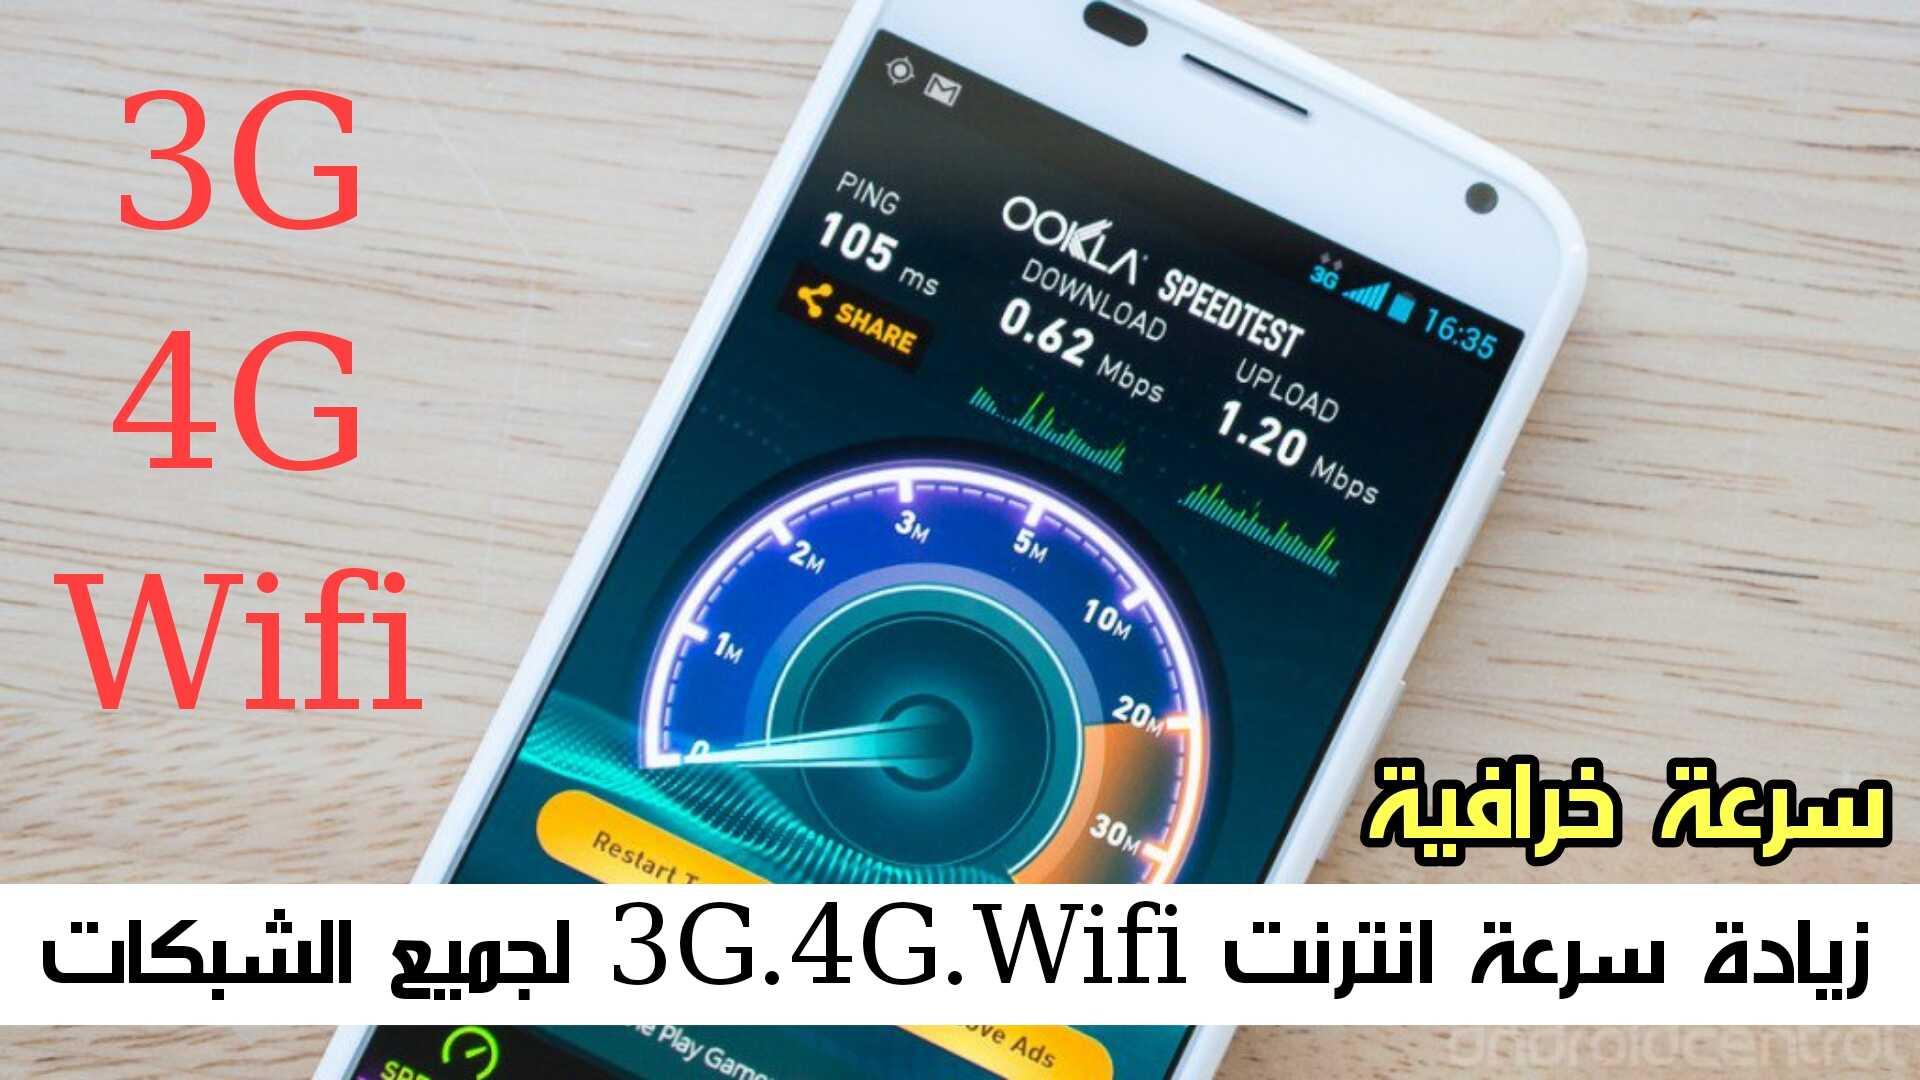 زيادة سرعة انترنت 3G.4G.Wifi لجميع الشبكات سرعة خرافية